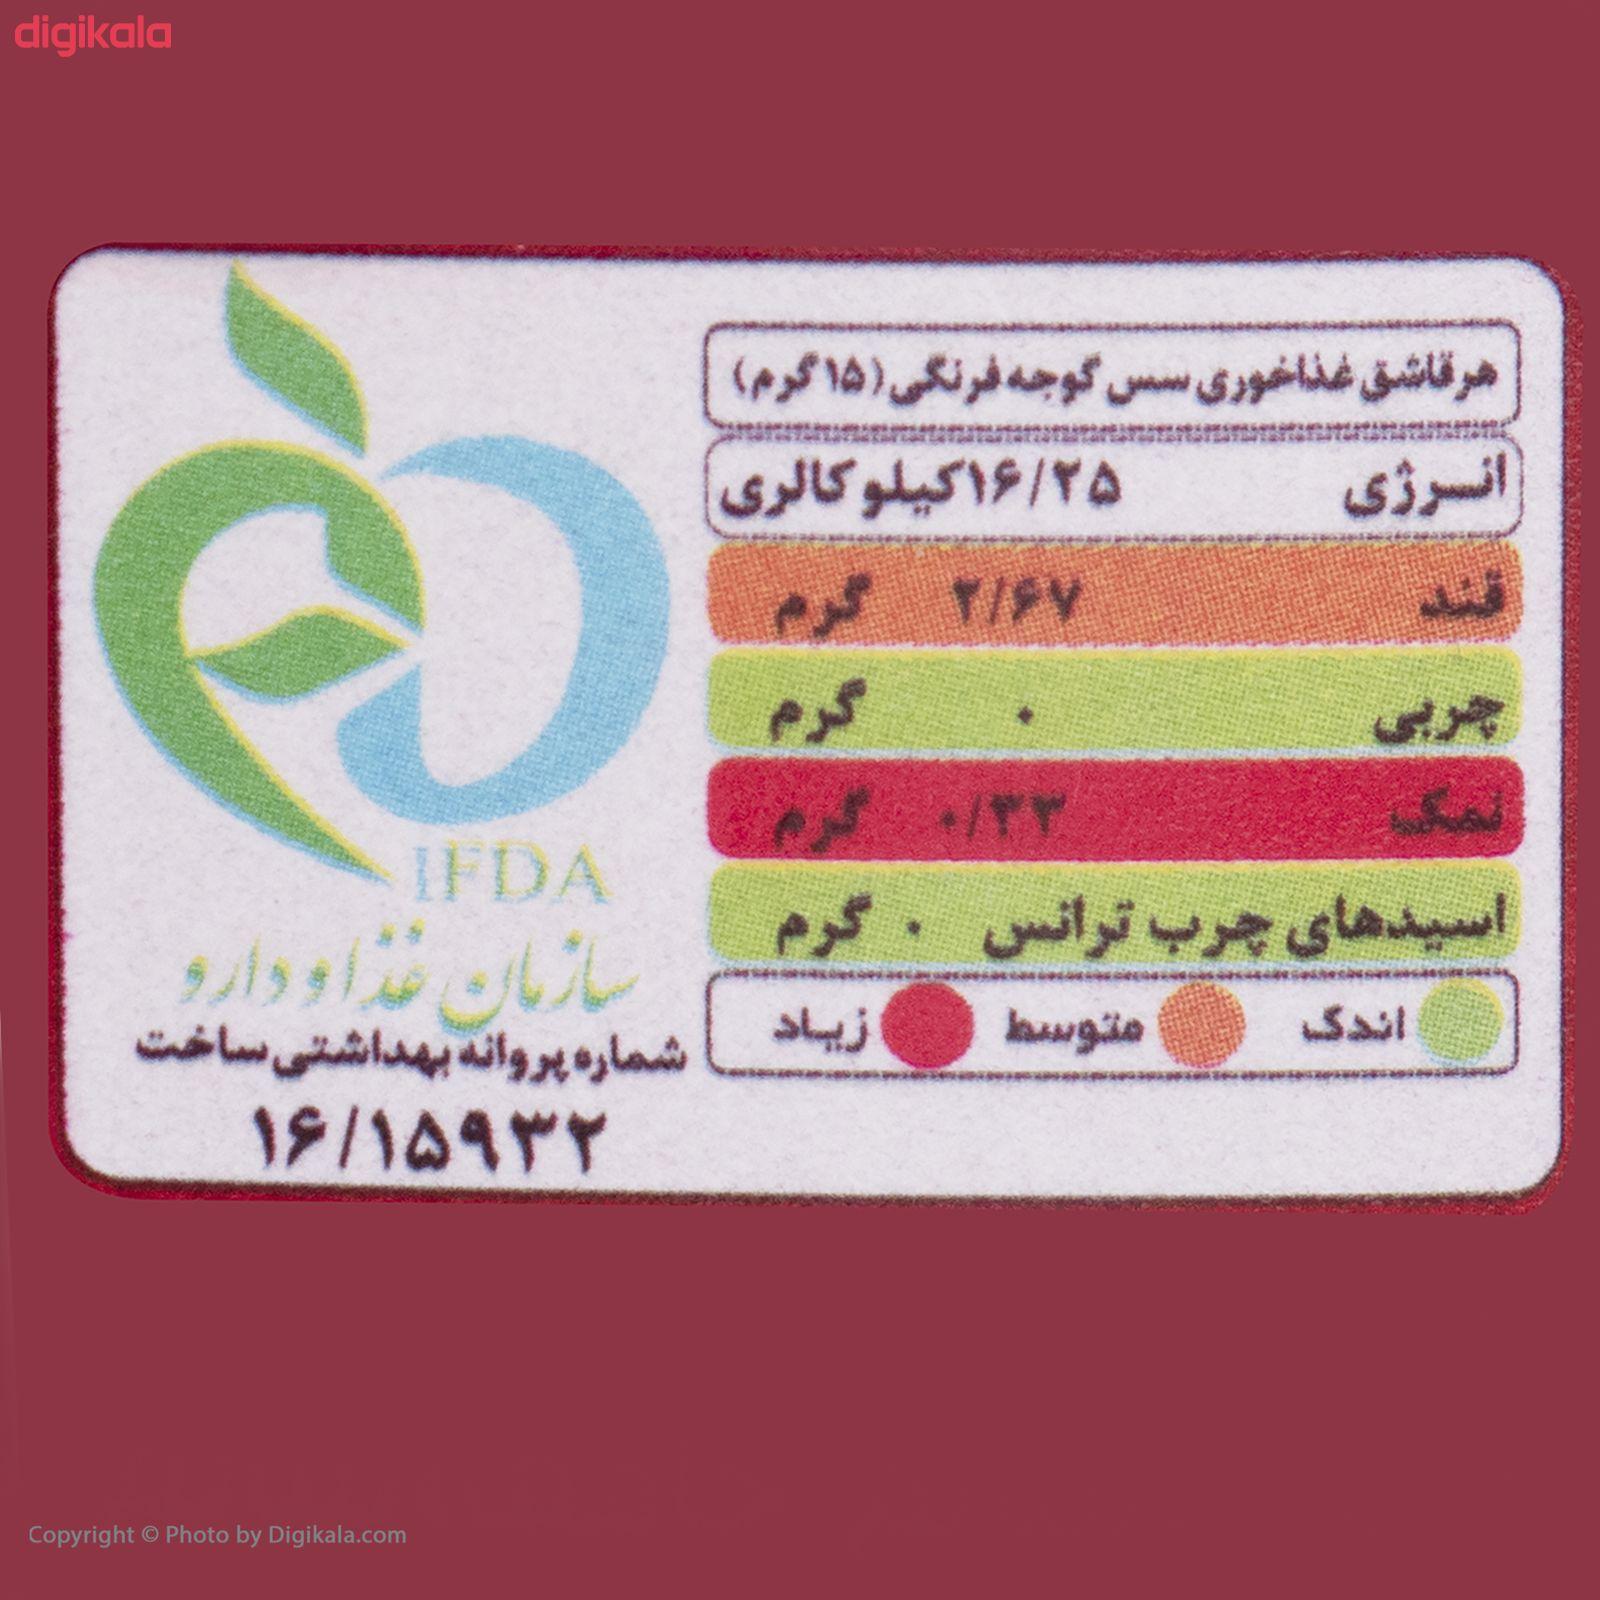 سس گوجه فرنگی بیژن - 400 گرم  main 1 3